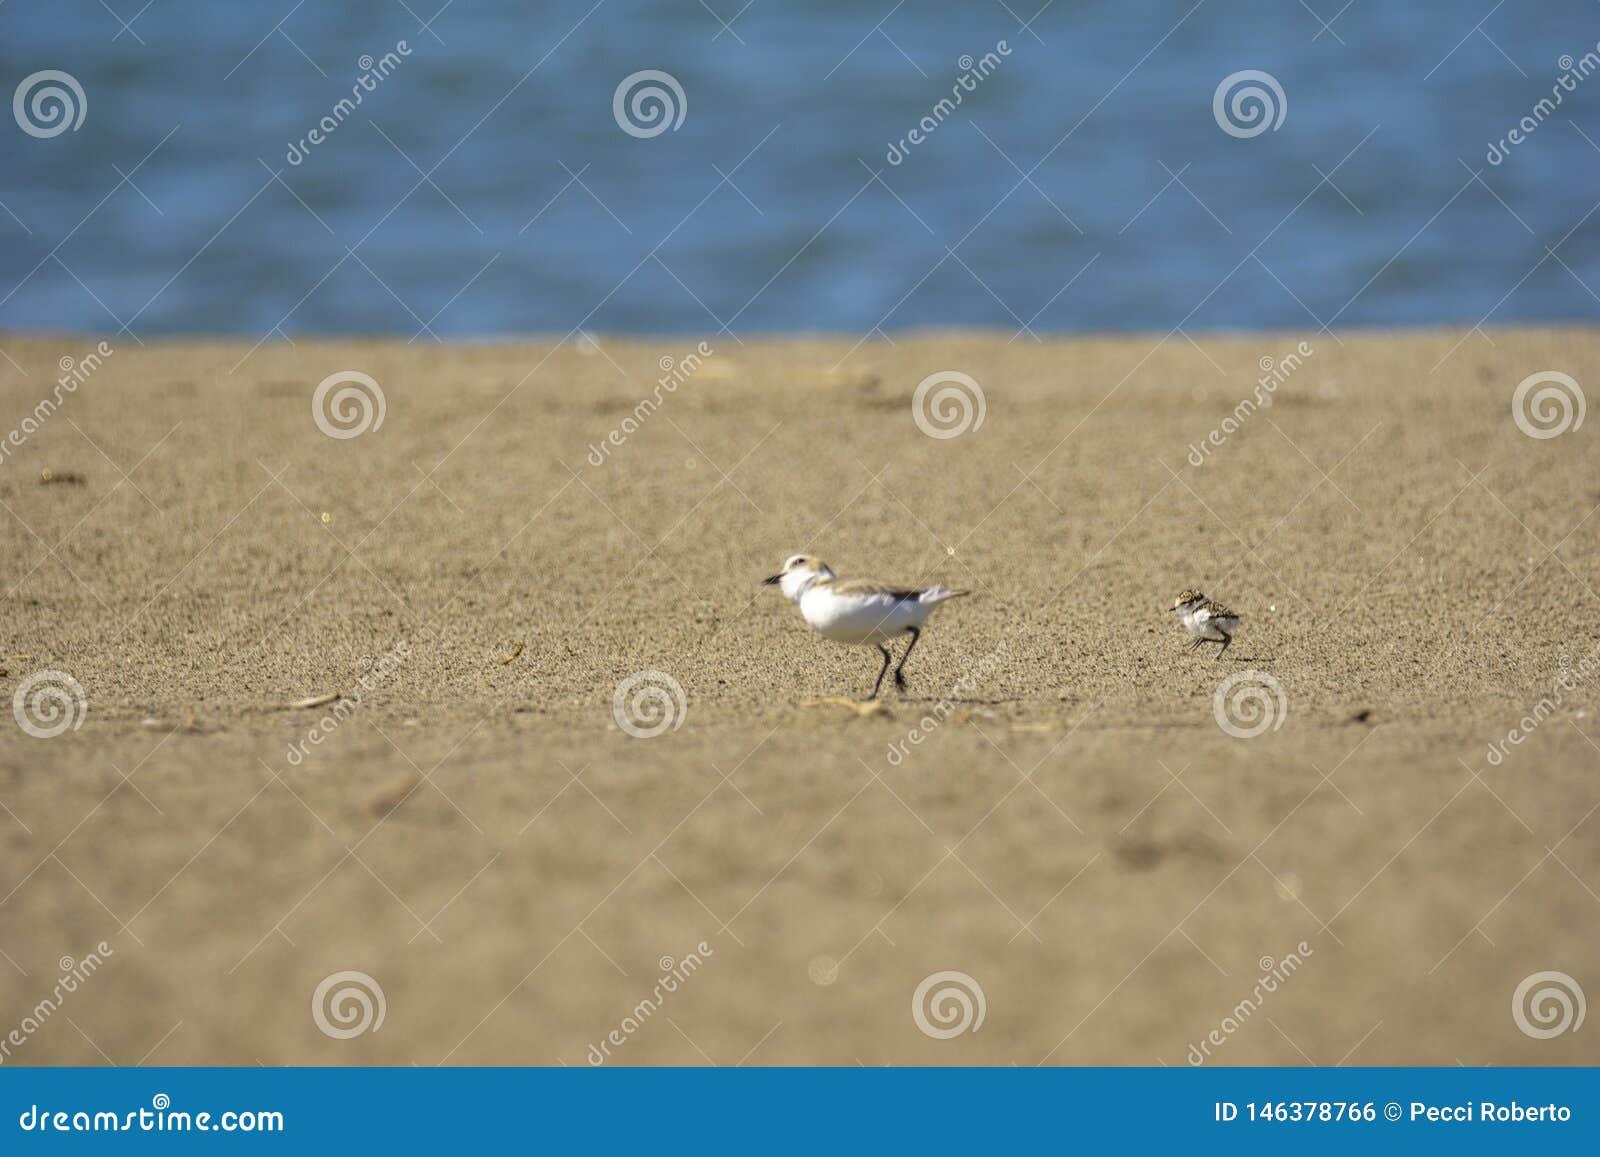 Italien Toskana Maremma, auf dem Strand in Richtung zum Mund von Ombrone, drei-ausgewichener Flussuferl?ufer des Calidris alba, K